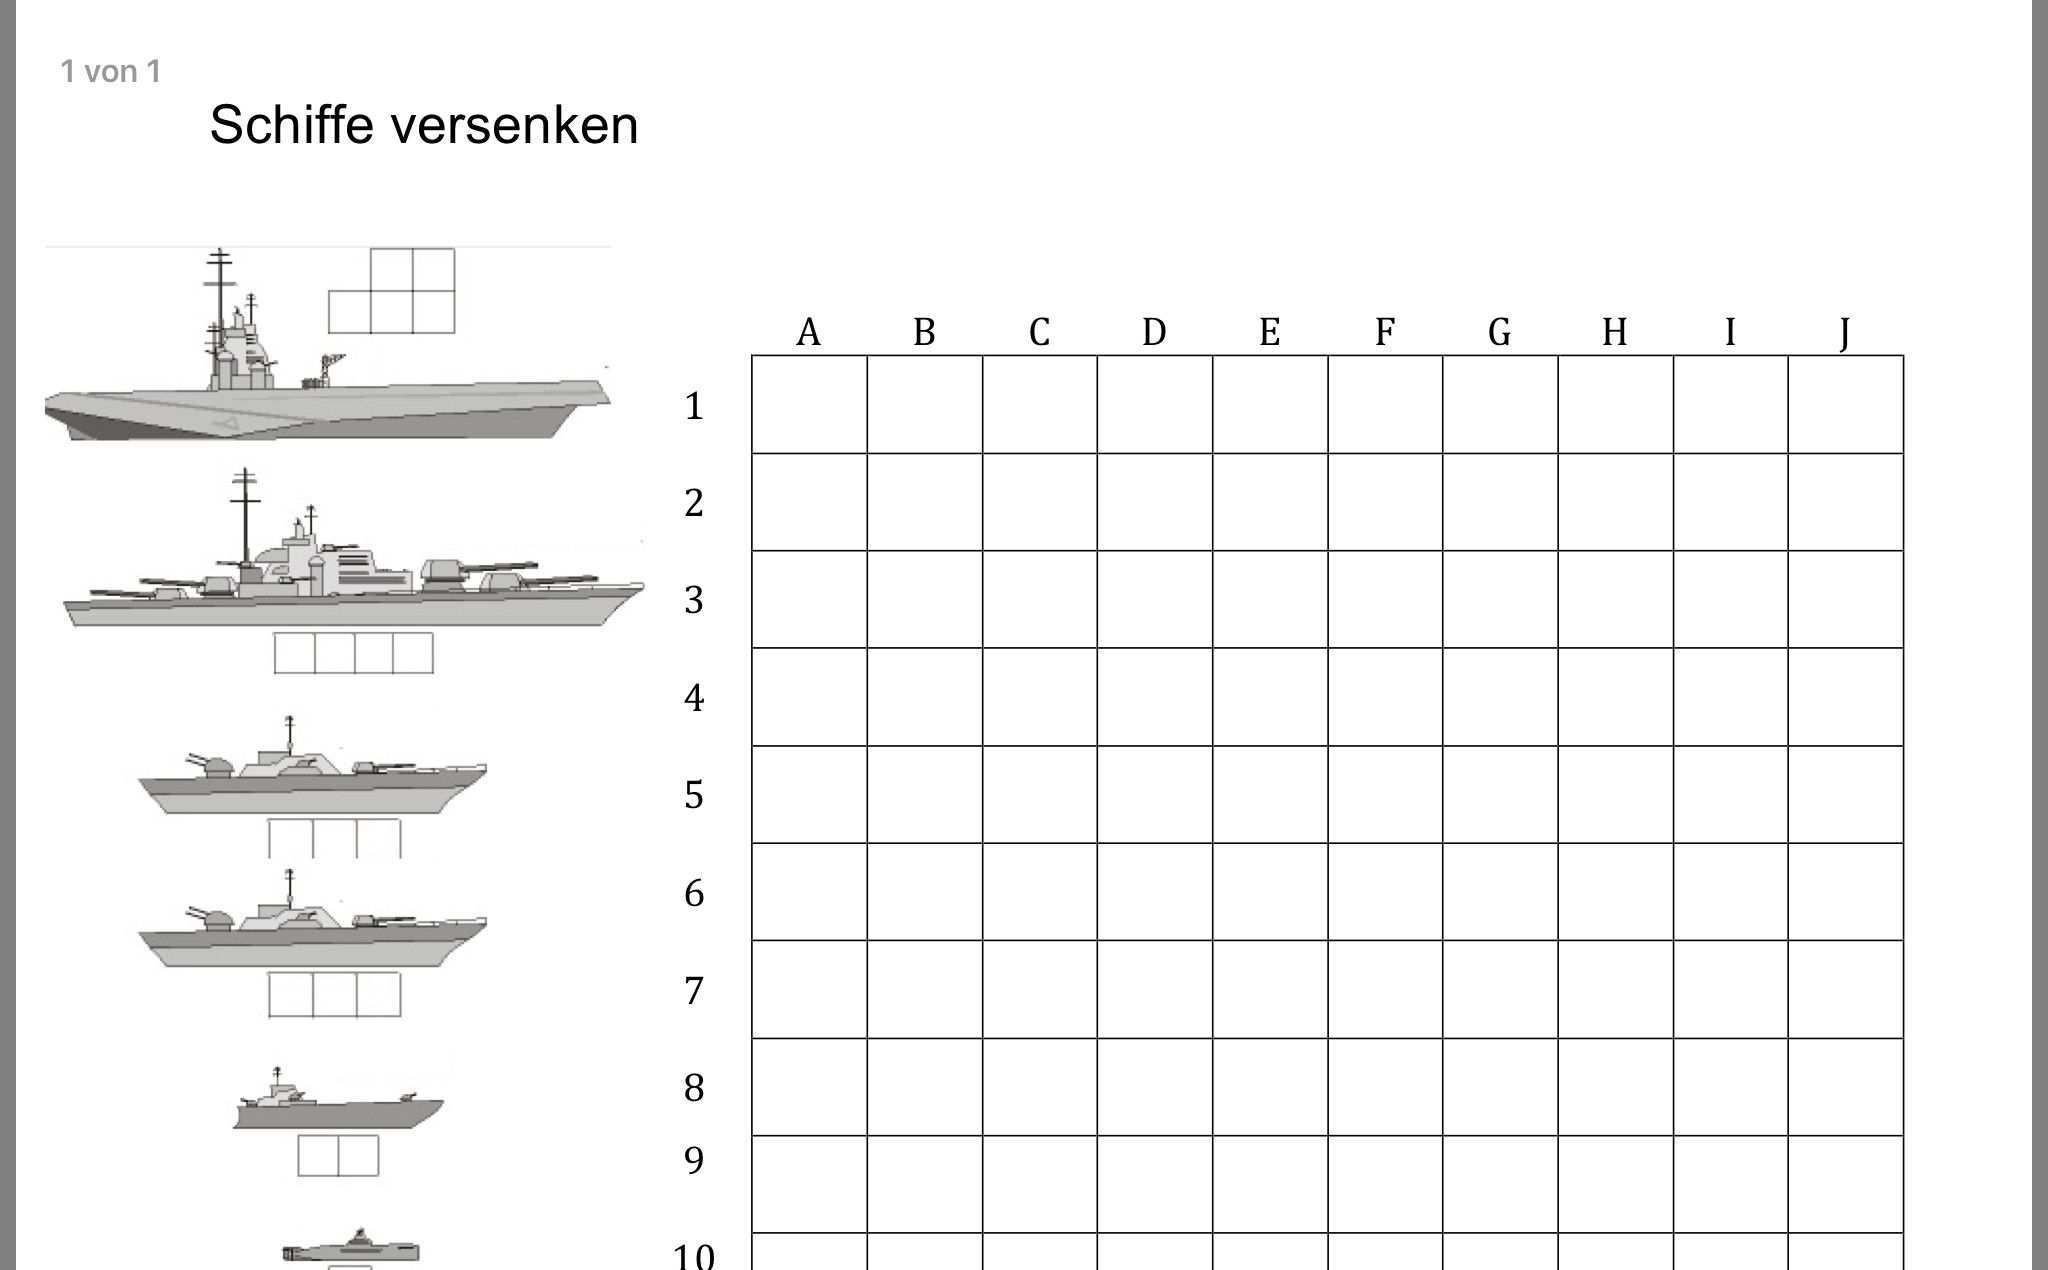 Pin Von Lepesub Auf Kinder Schiffe Versenken Vorlagen Schiff